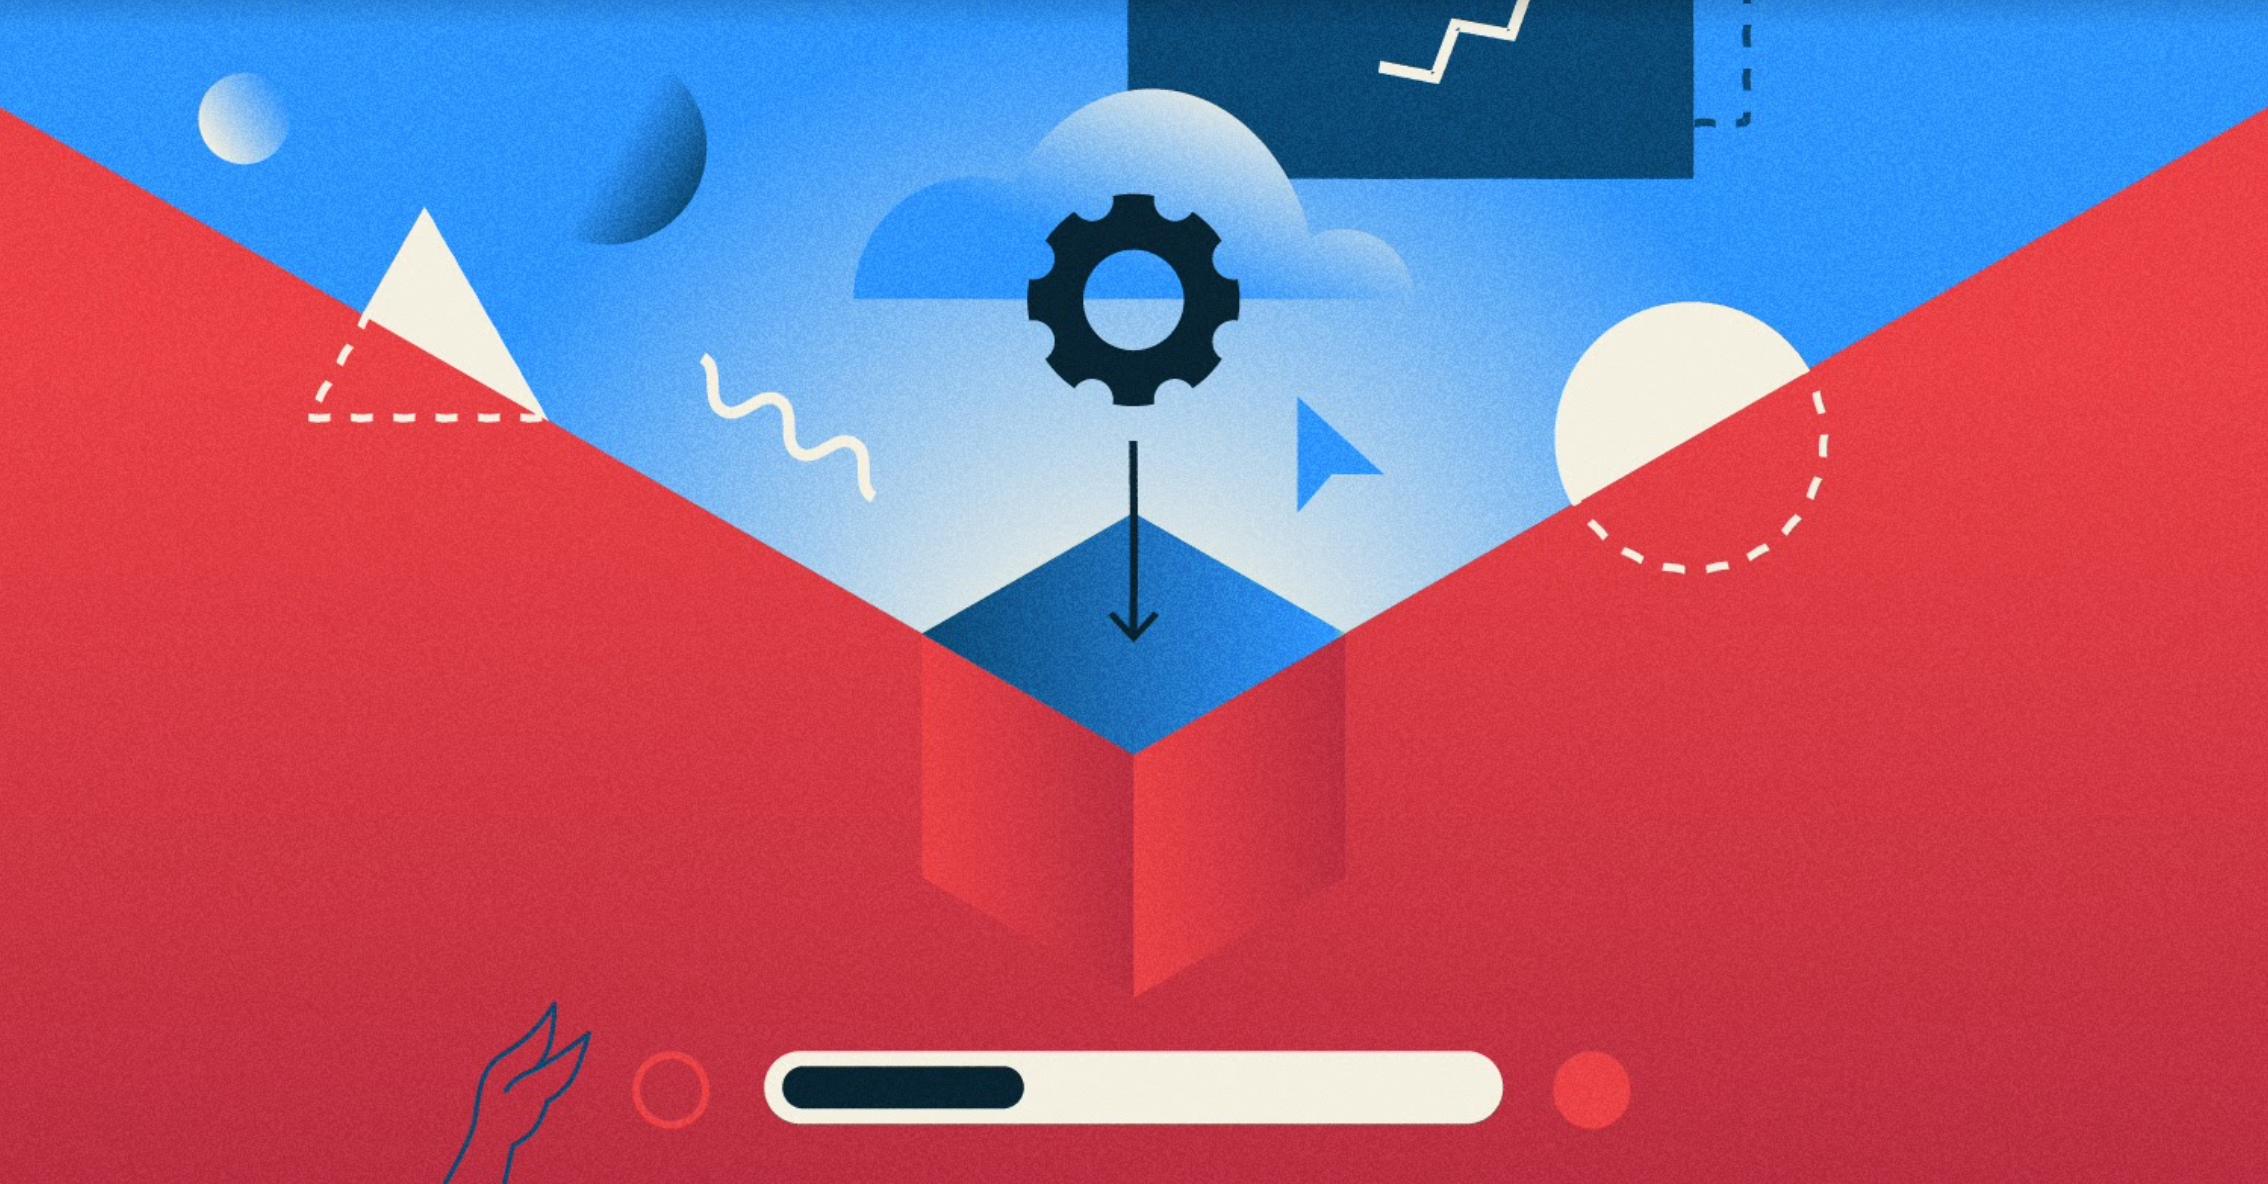 Собственная методология разработки R&D-проектов в AI, от идеи до создания - 1